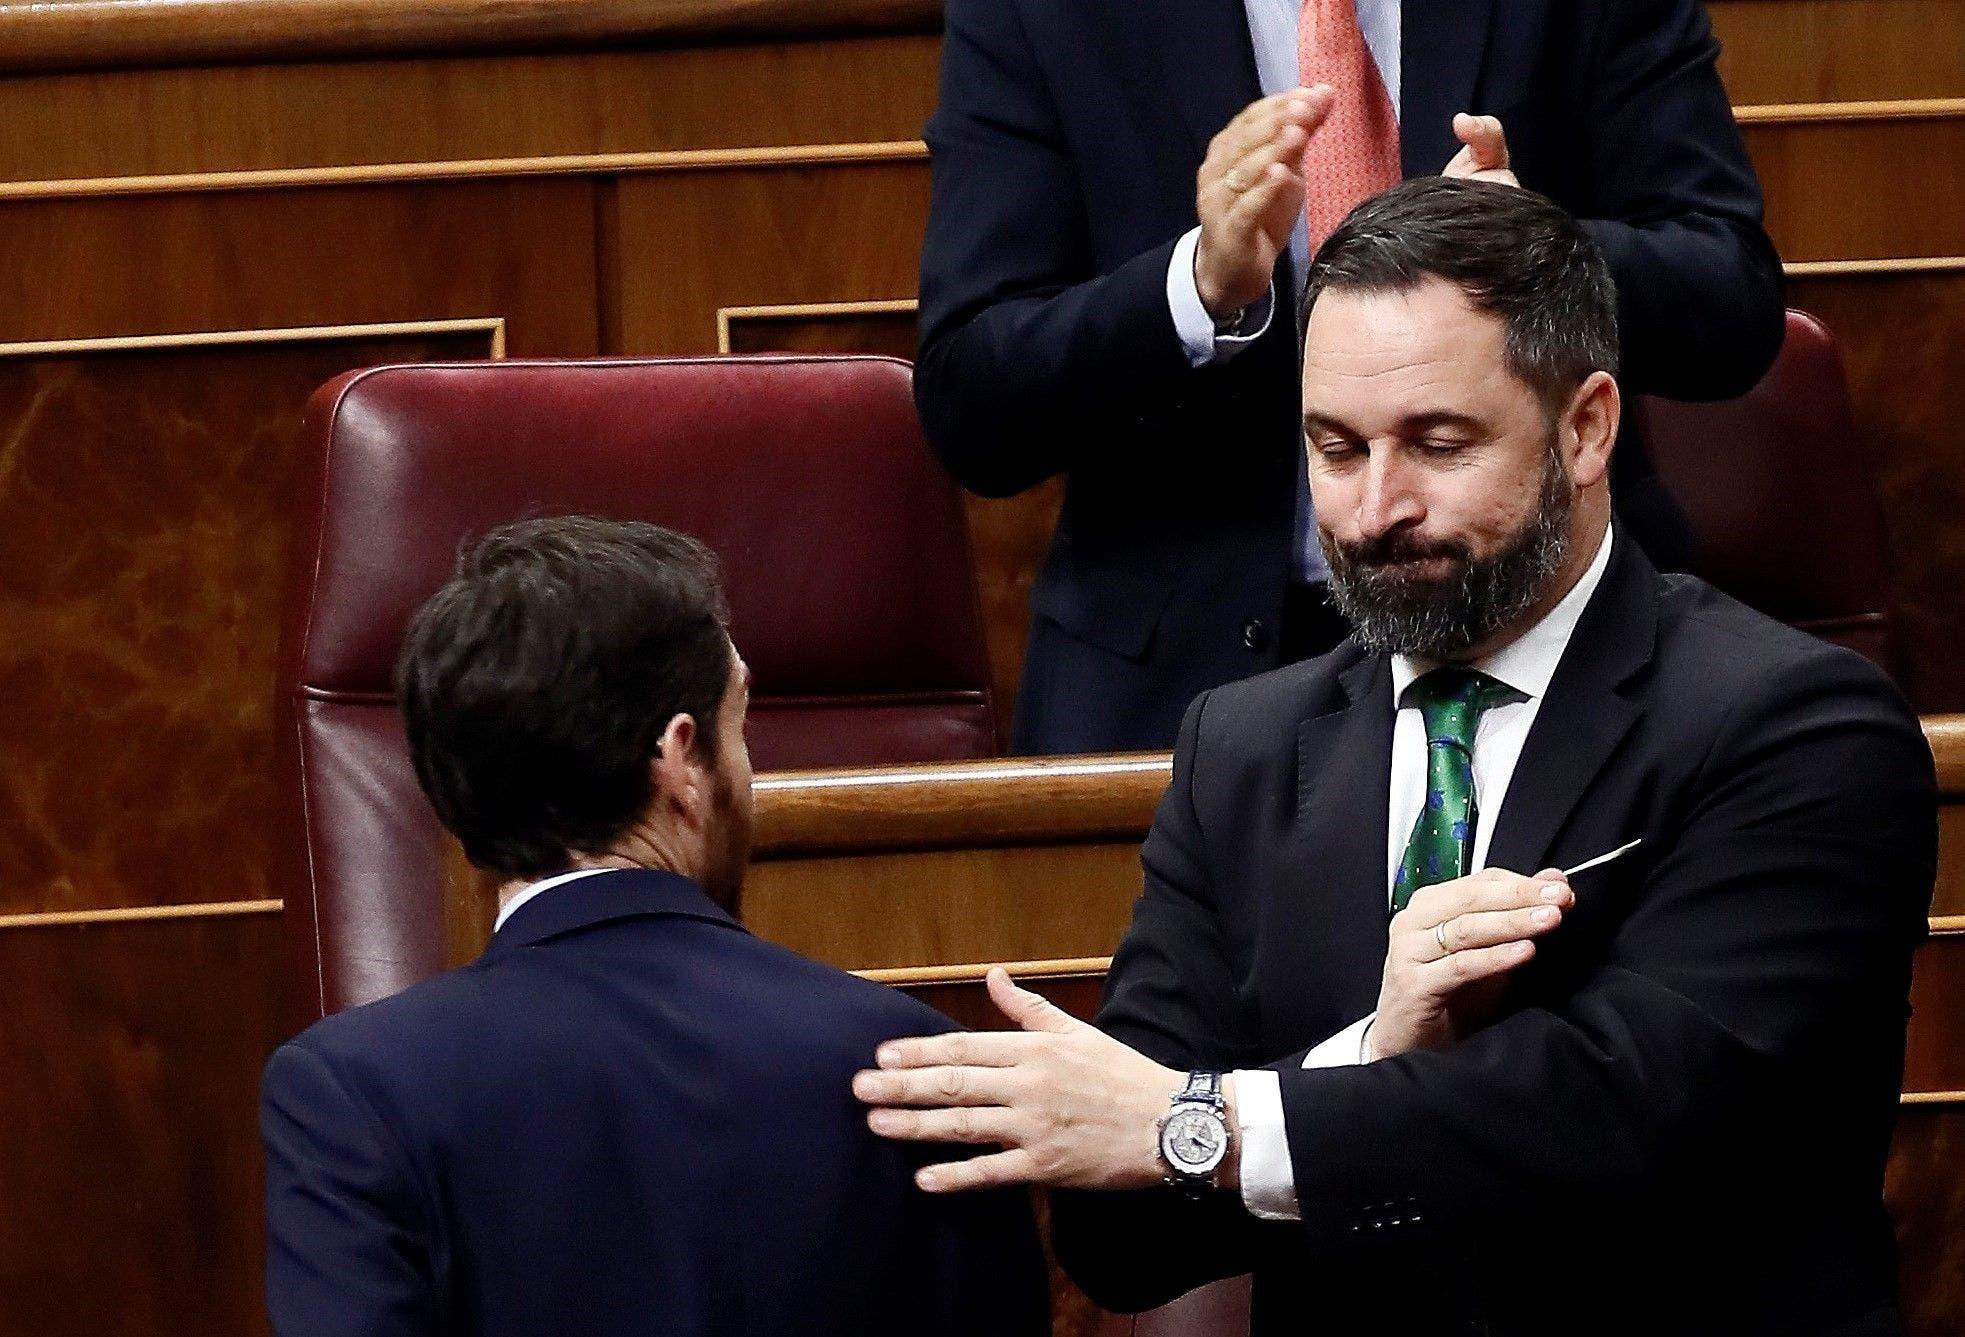 El líder del PP, Pablo Casado, y el de Vox, Santiago Abascal, se saludan en el Congreso de los Diputados. EFE/Mariscal